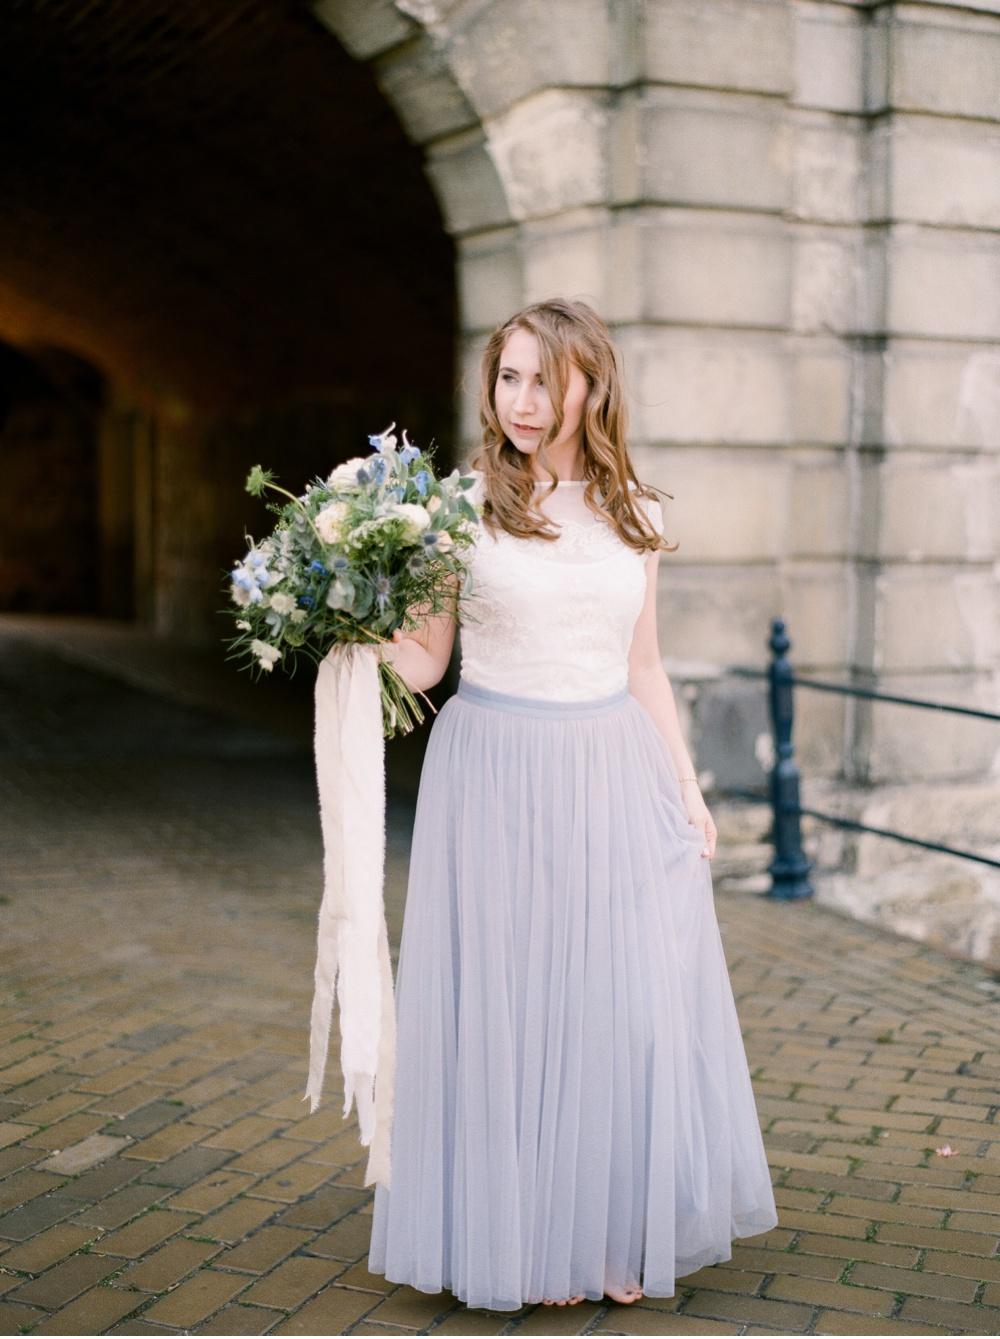 Wedding_Photographer_Tuscany©MadalinaSheldon_0021.jpg